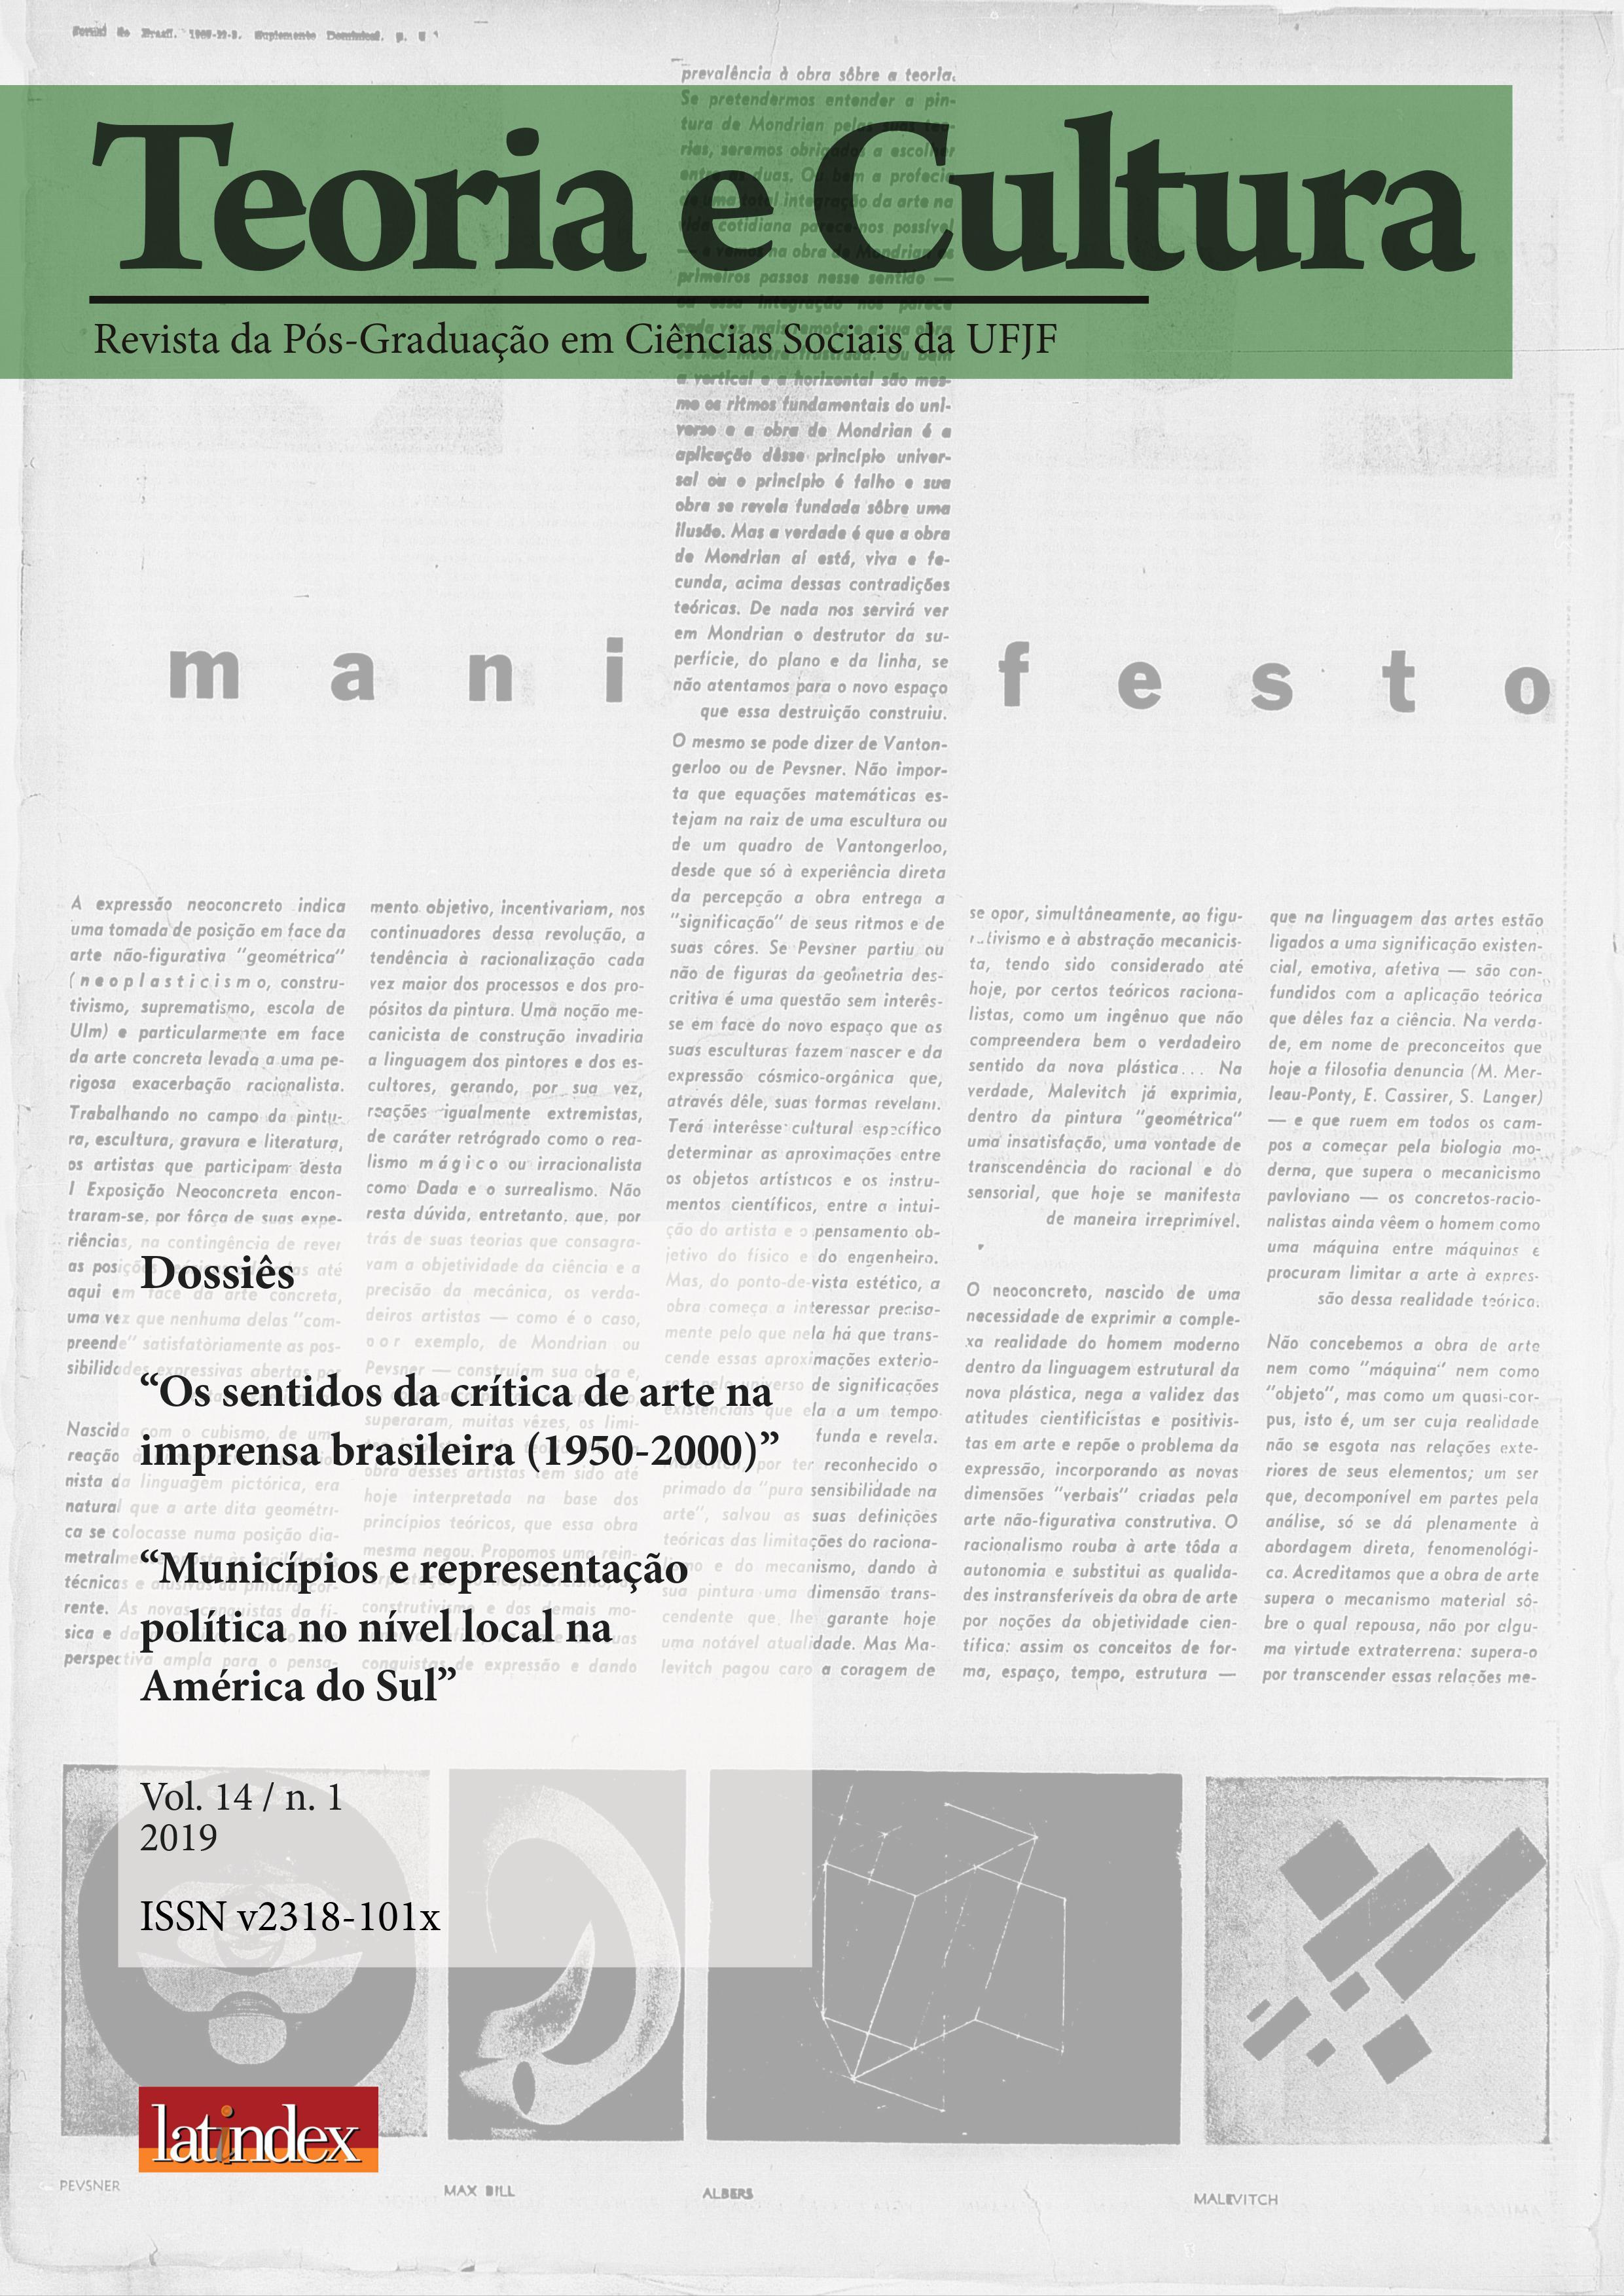 """Visualizar v. 14 n. 1 (2019): """"Os sentidos da crítica de arte na imprensa brasileira (1950-2000)"""" e """"Municípios e representação política no nível local na América do Sul"""""""